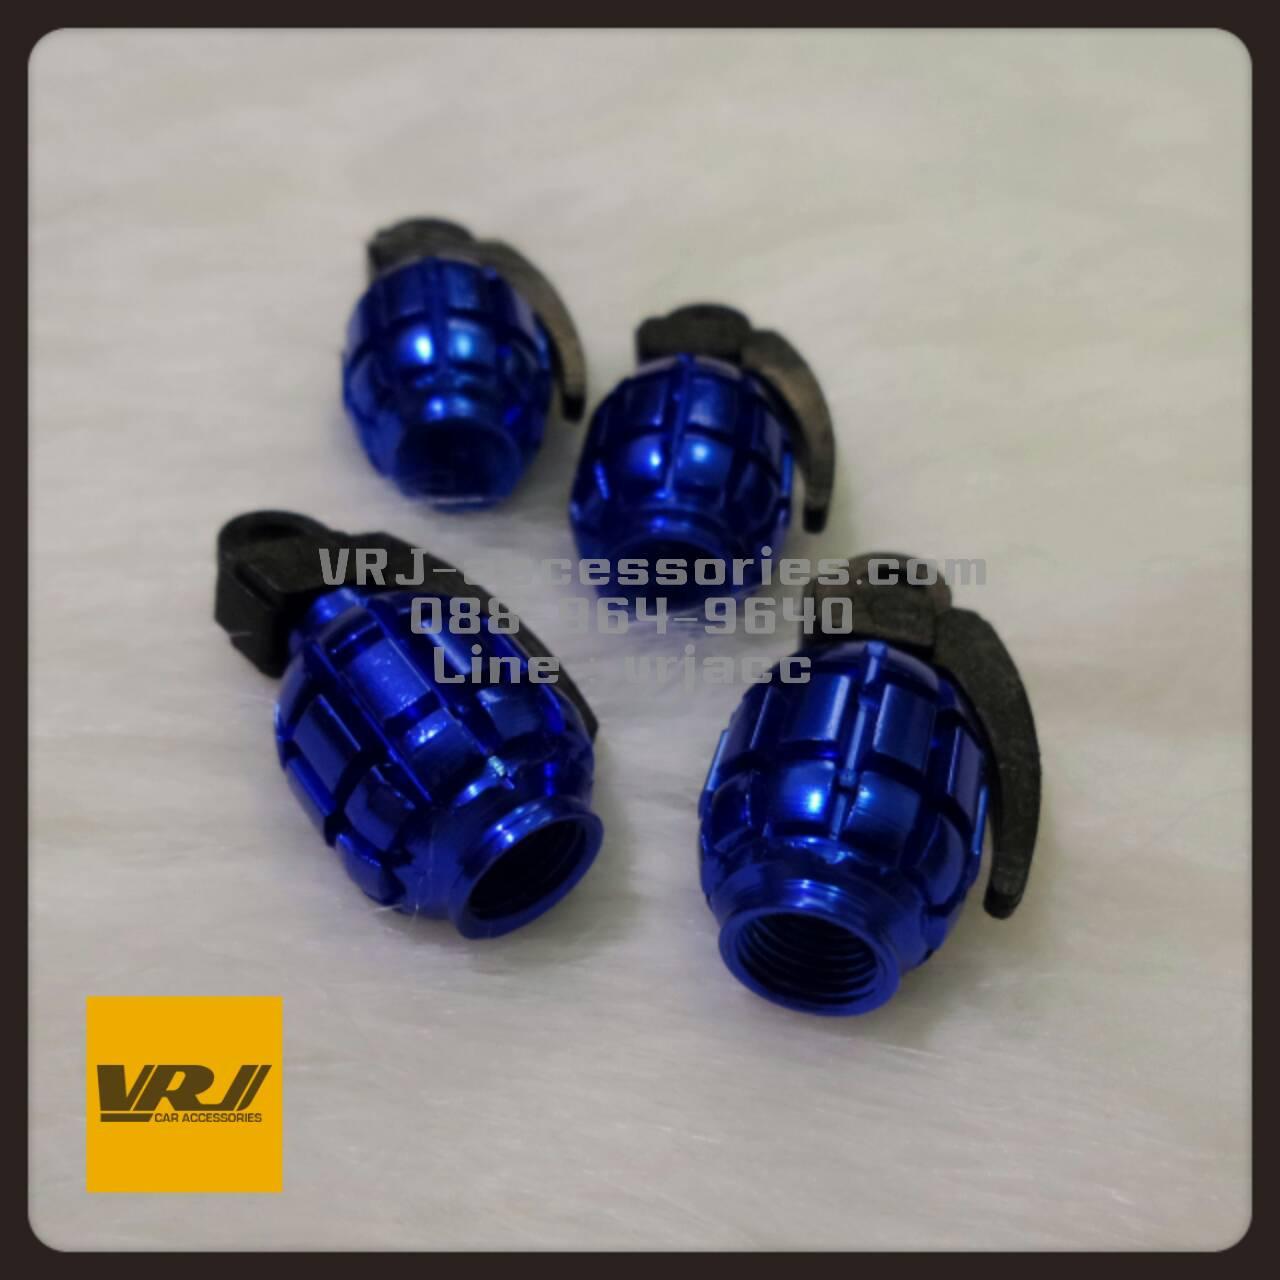 จุกลม ลูกระเบิด น้อยหน่า สีน้ำเงิน : Car tire valve Stem caps - Grenade Bomb